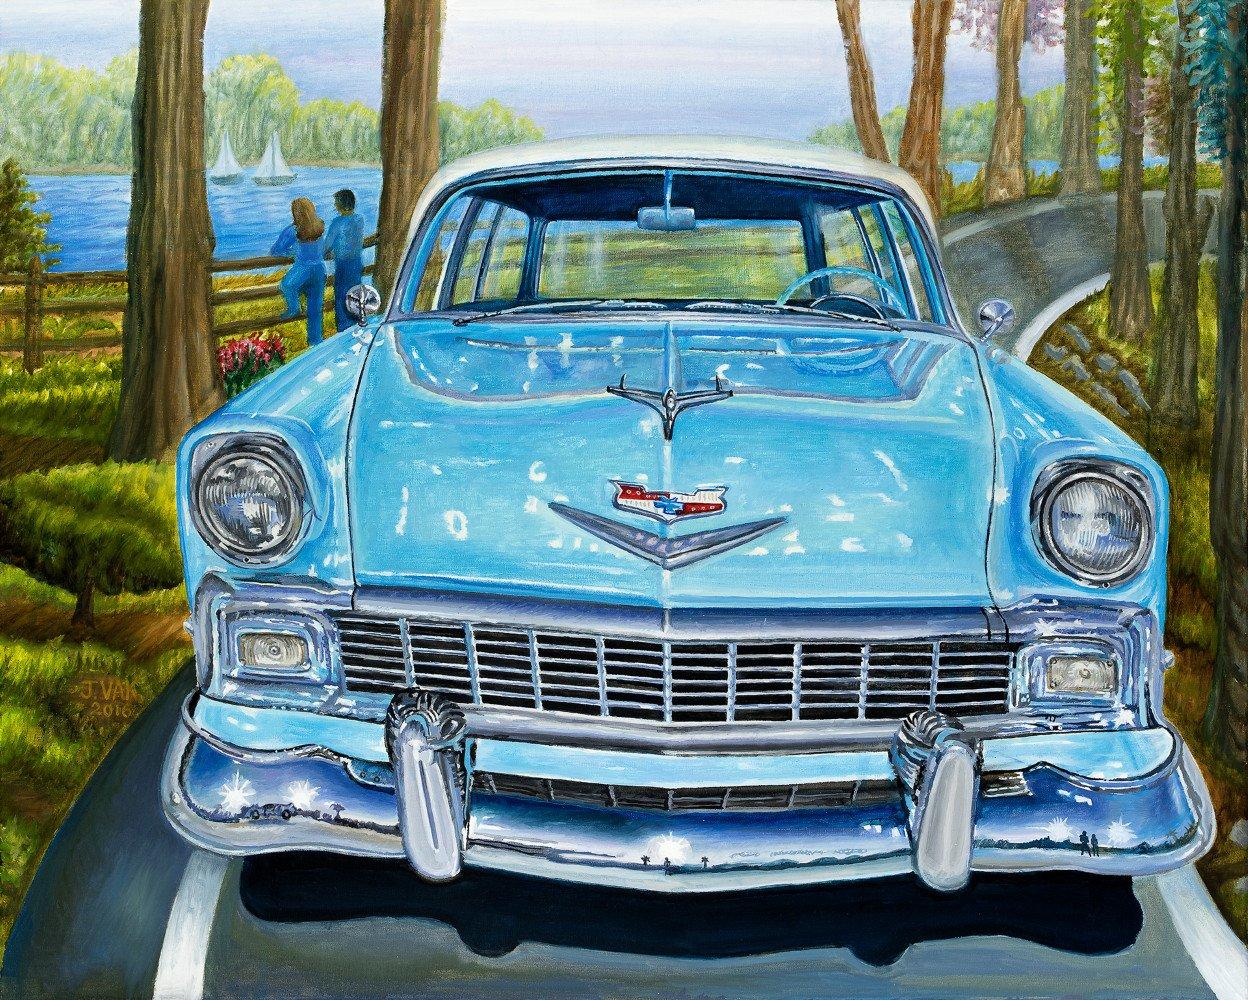 Rareclassic 1956 Chevrolet 210 Handyman Special                         24 X 30 Original Oil                                  $3600                                   2016